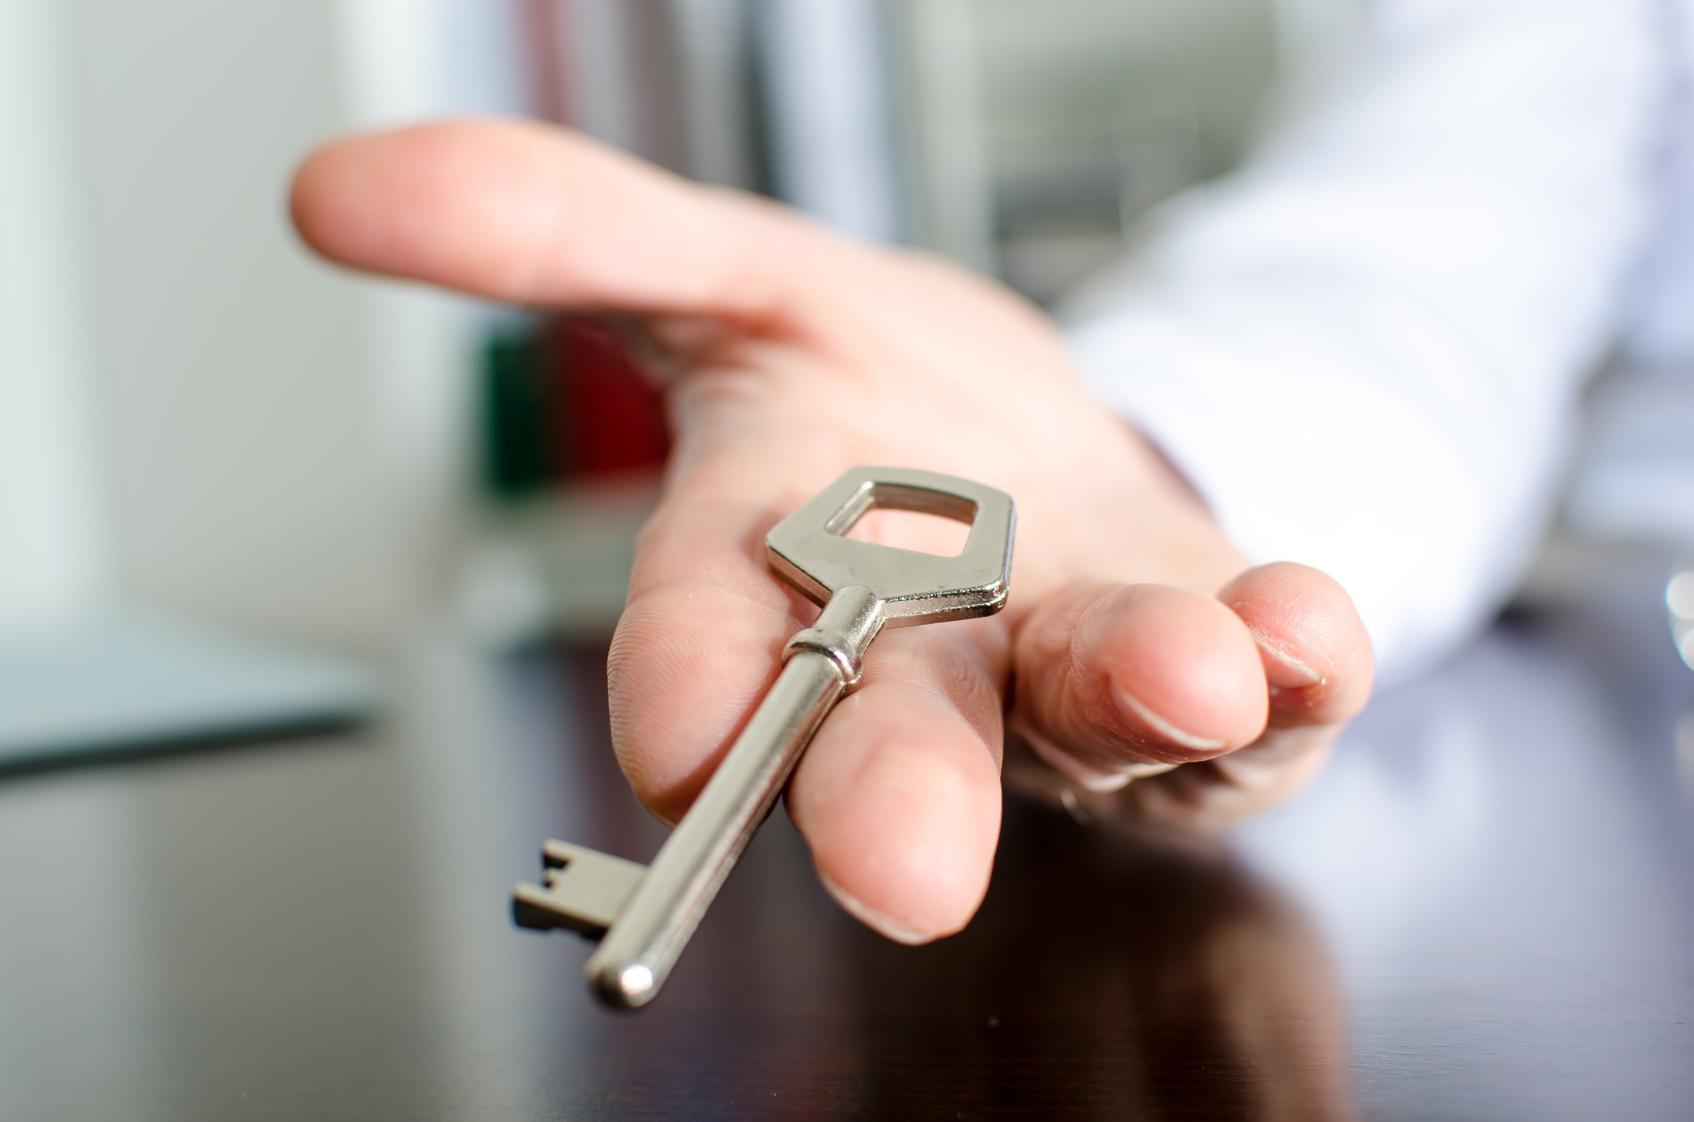 Vente appartement ce que je vous recommande pour la vente d un bien immobil - Comment evaluer un bien immobilier ...